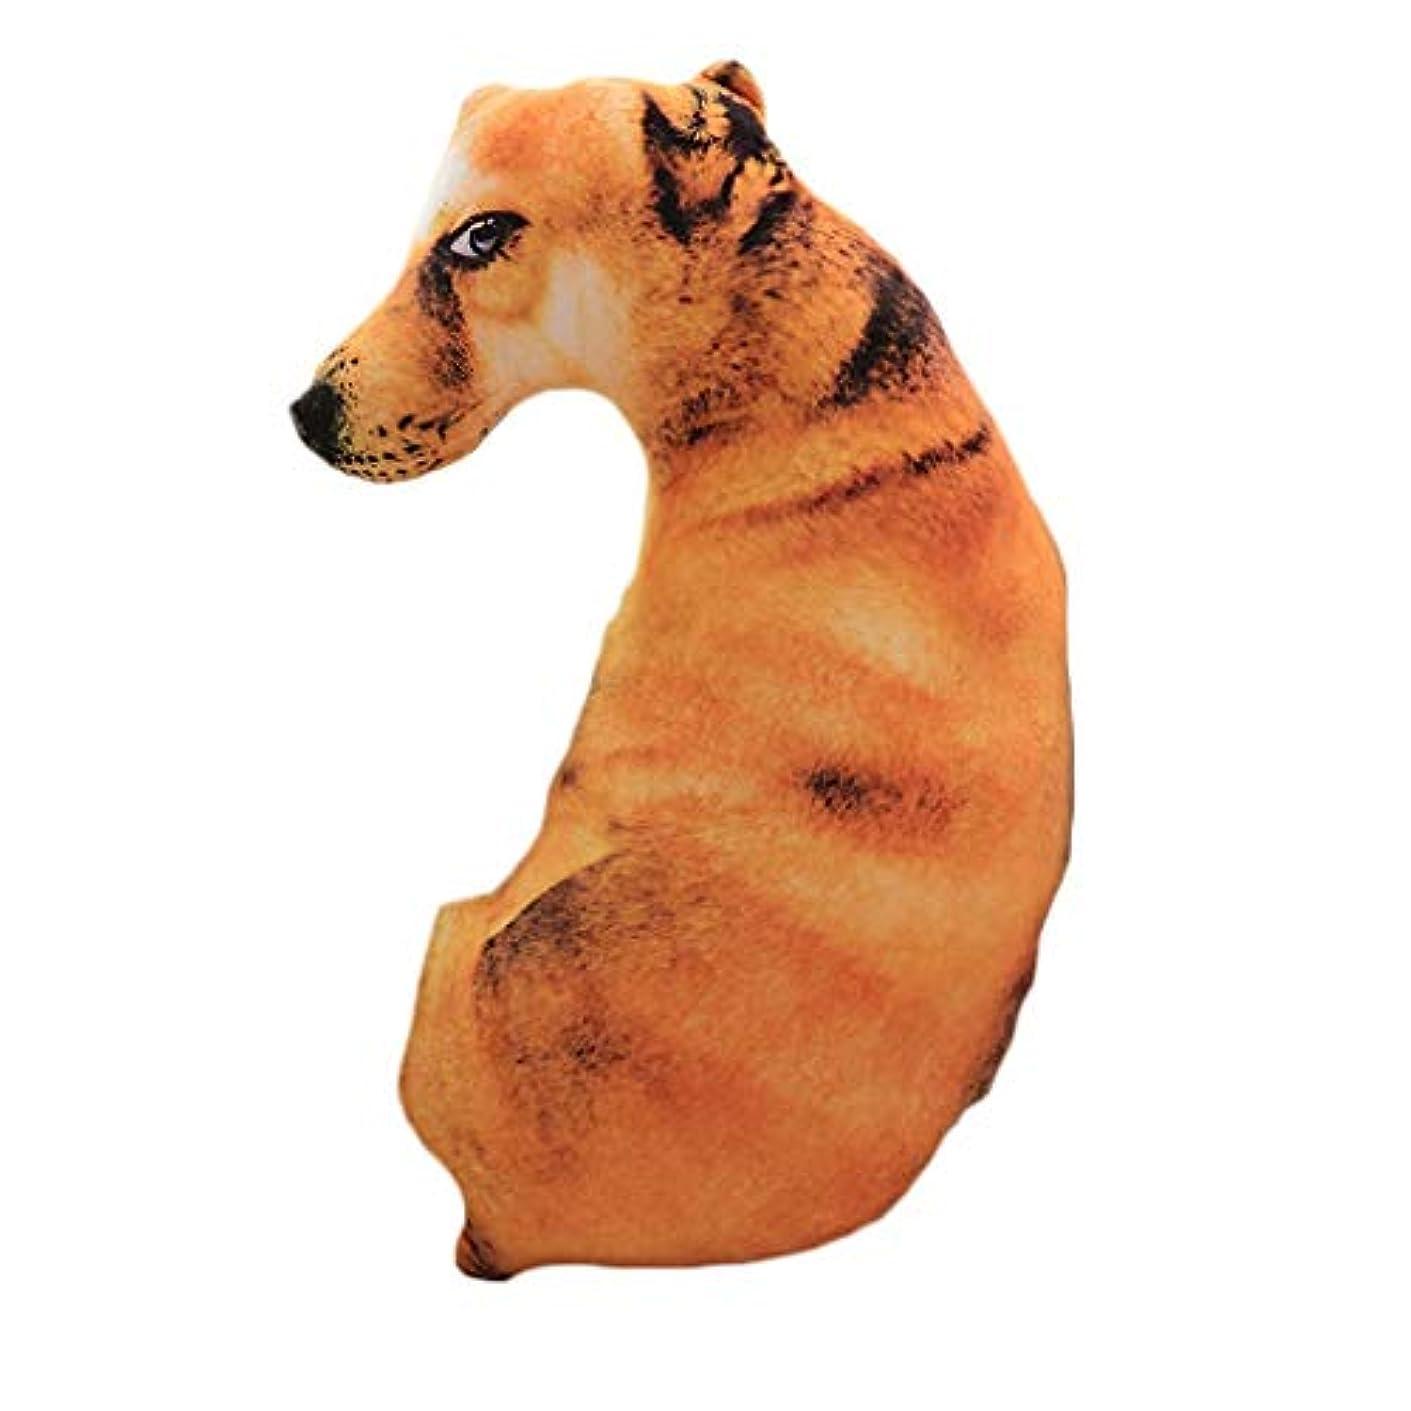 粘着性降雨彫刻LIFE 装飾クッションソファおかしい 3D 犬印刷スロー枕創造クッションかわいいぬいぐるみギフト家の装飾 coussin decoratif クッション 椅子